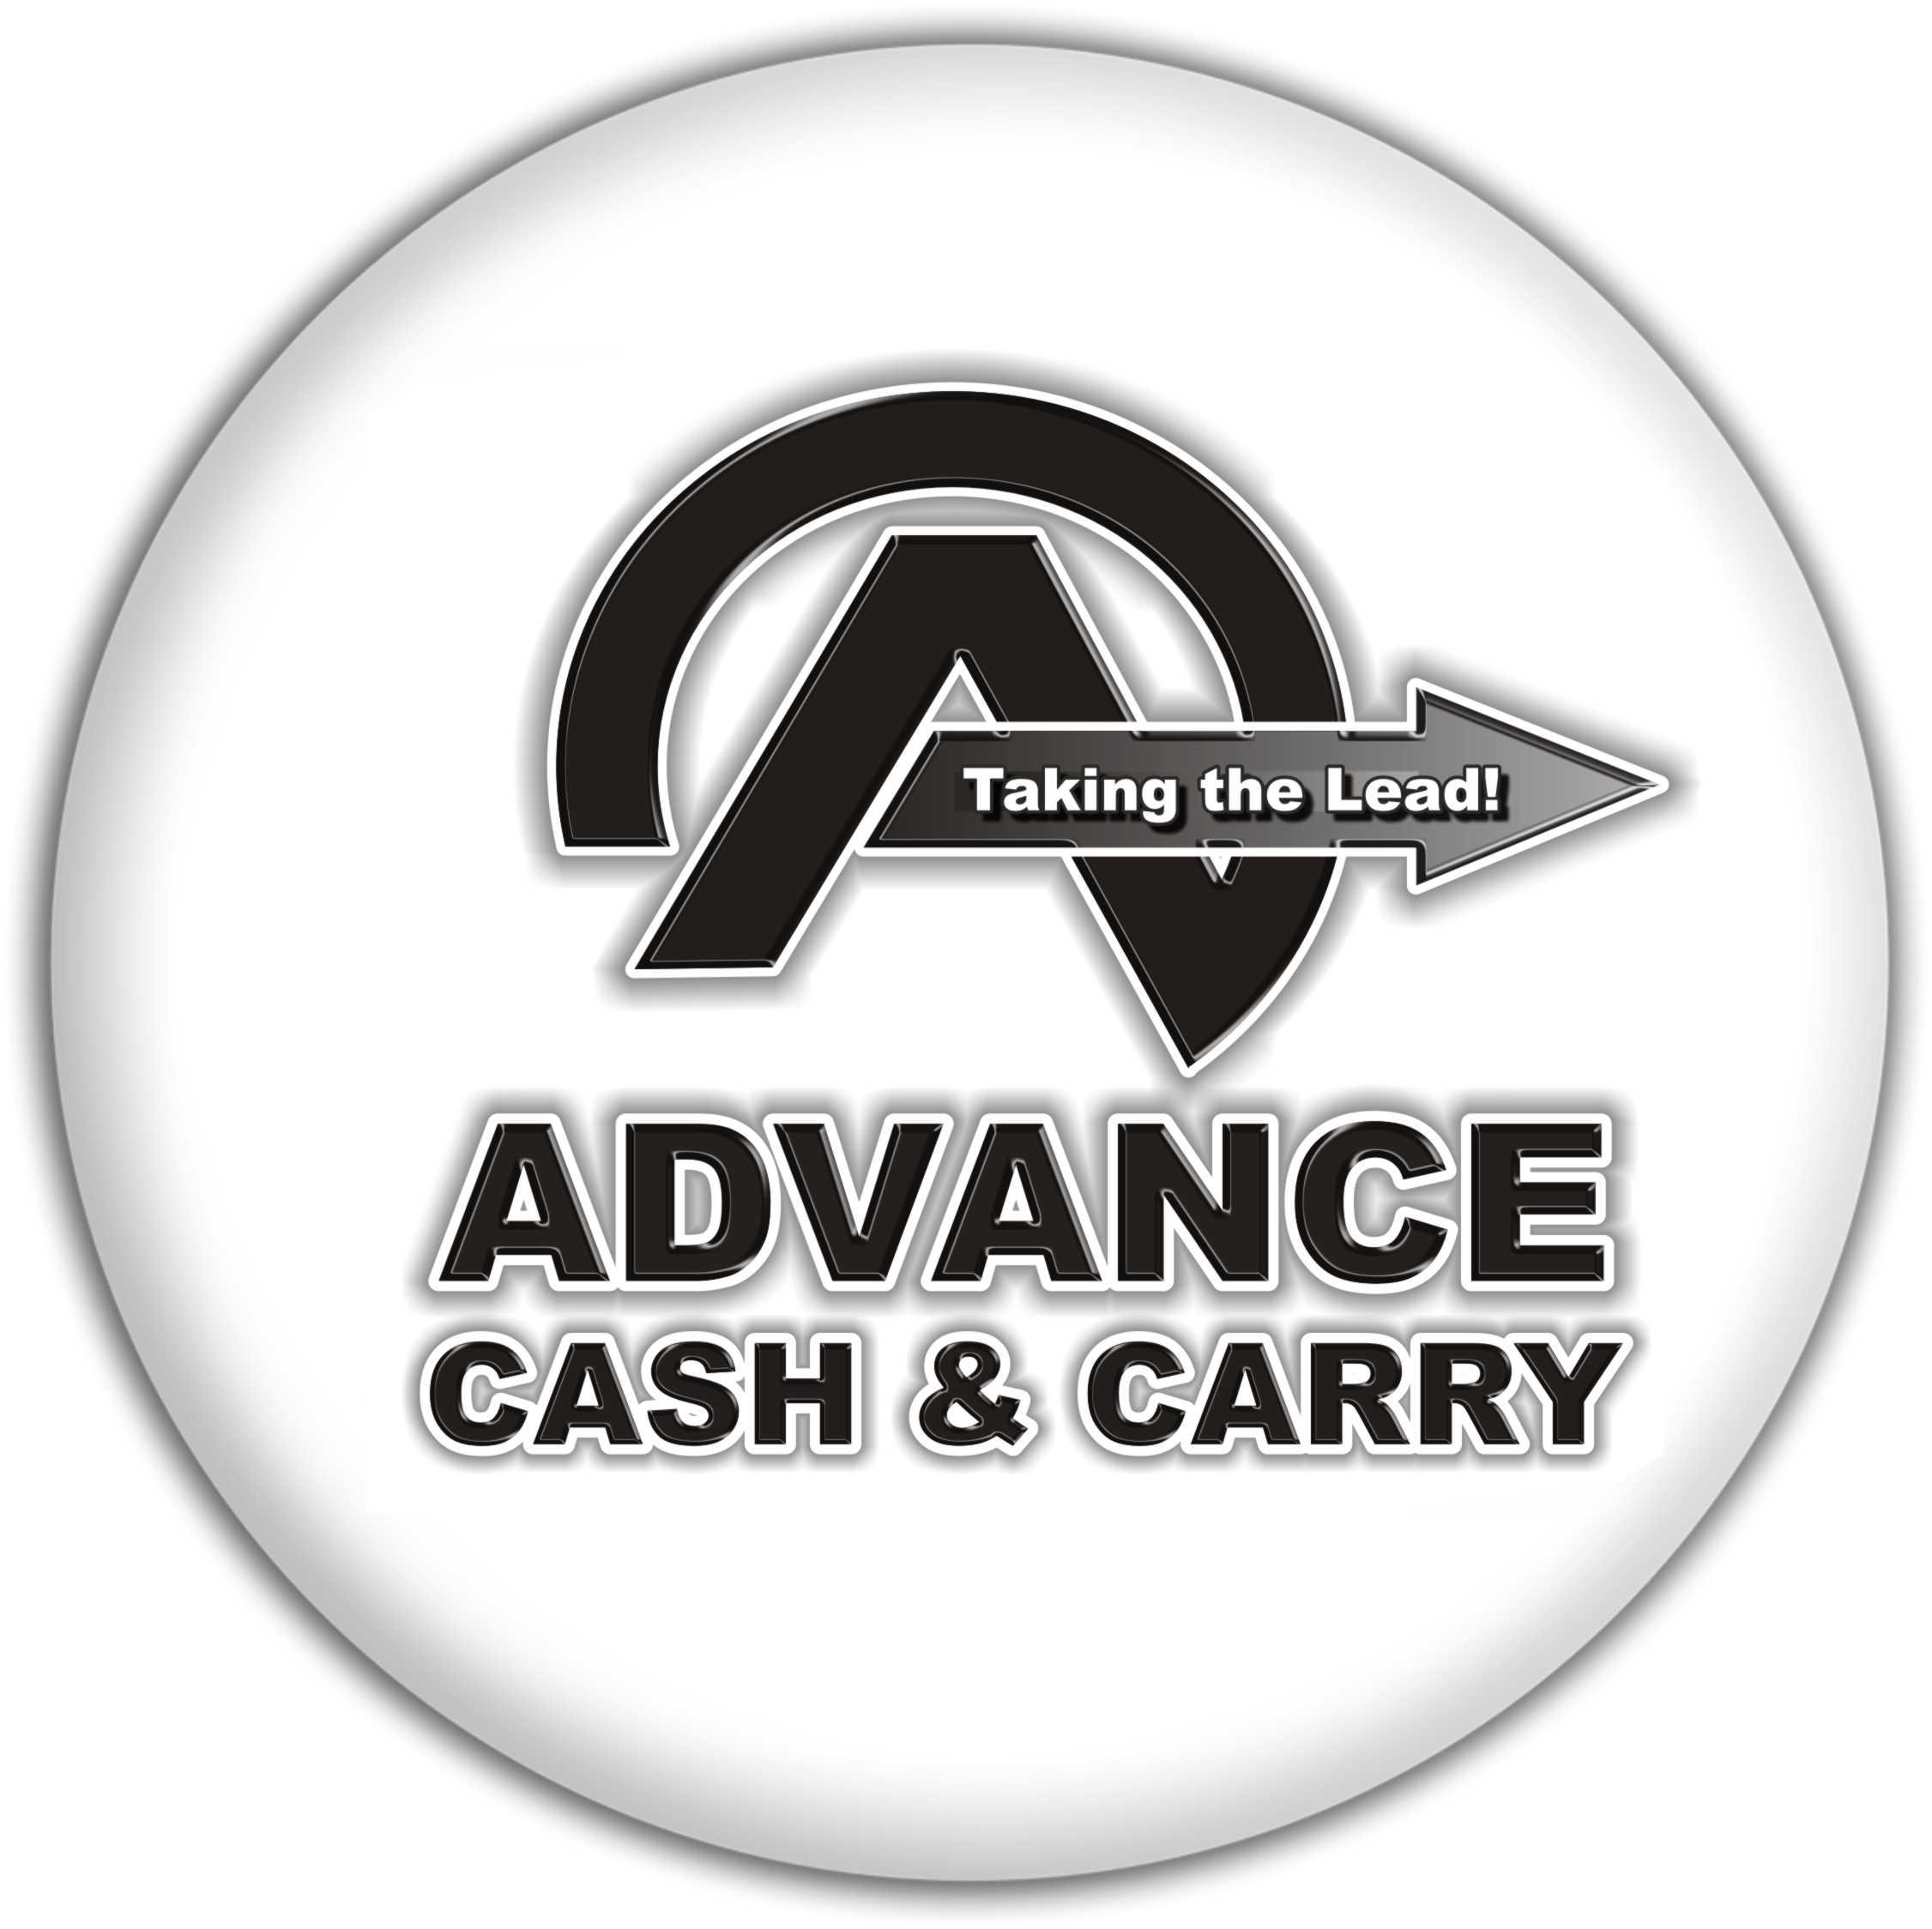 Advance Cash & Carry